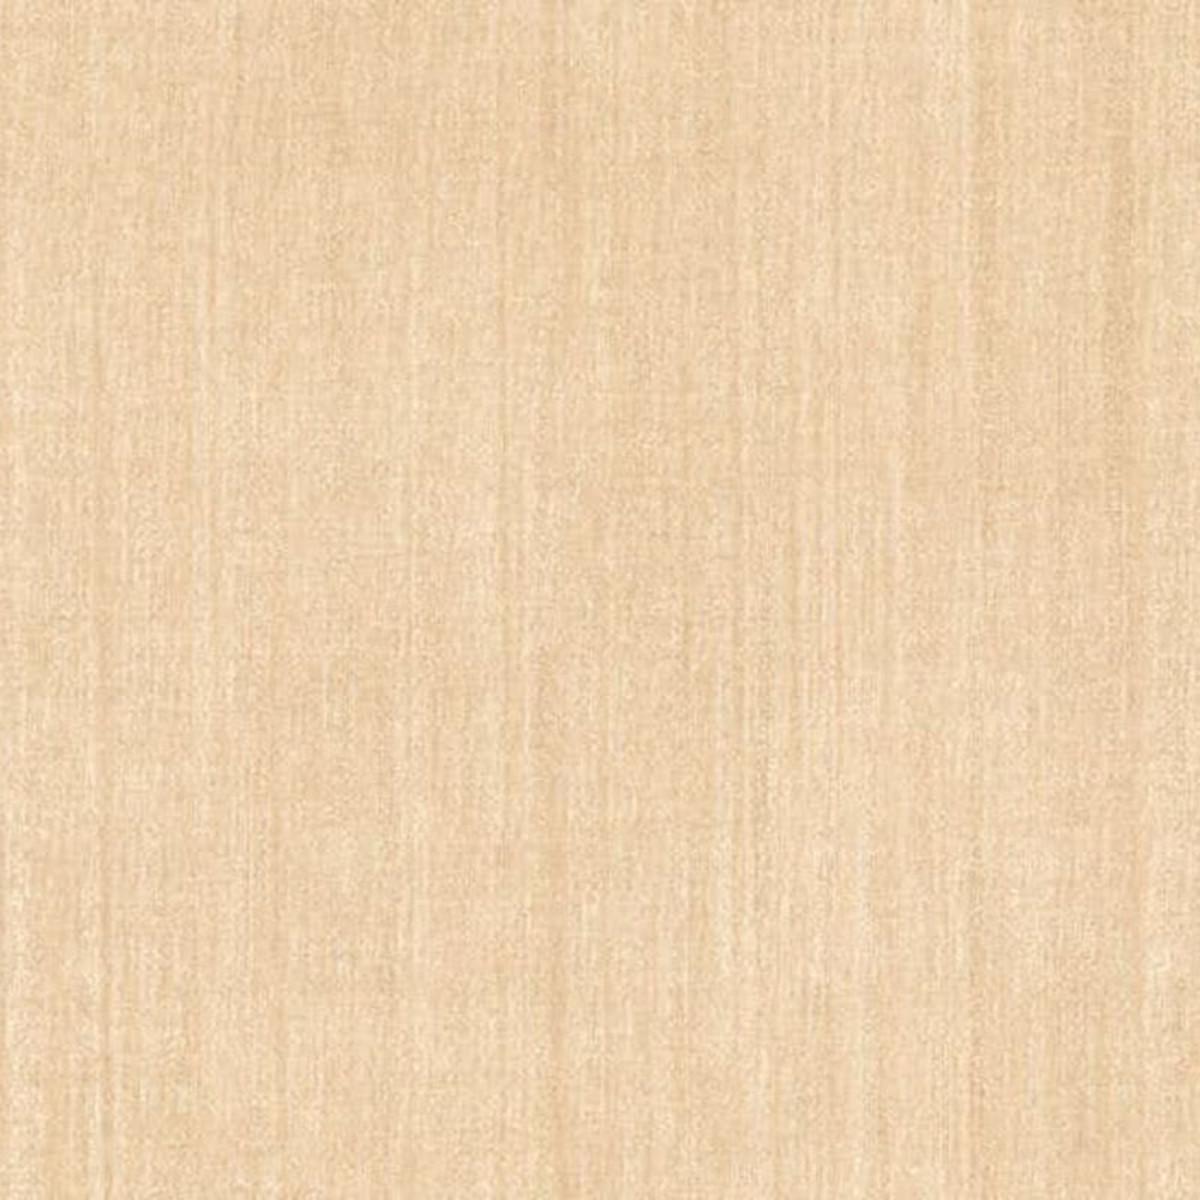 Обои флизелиновые Murella бежевые 1.06 м 41119